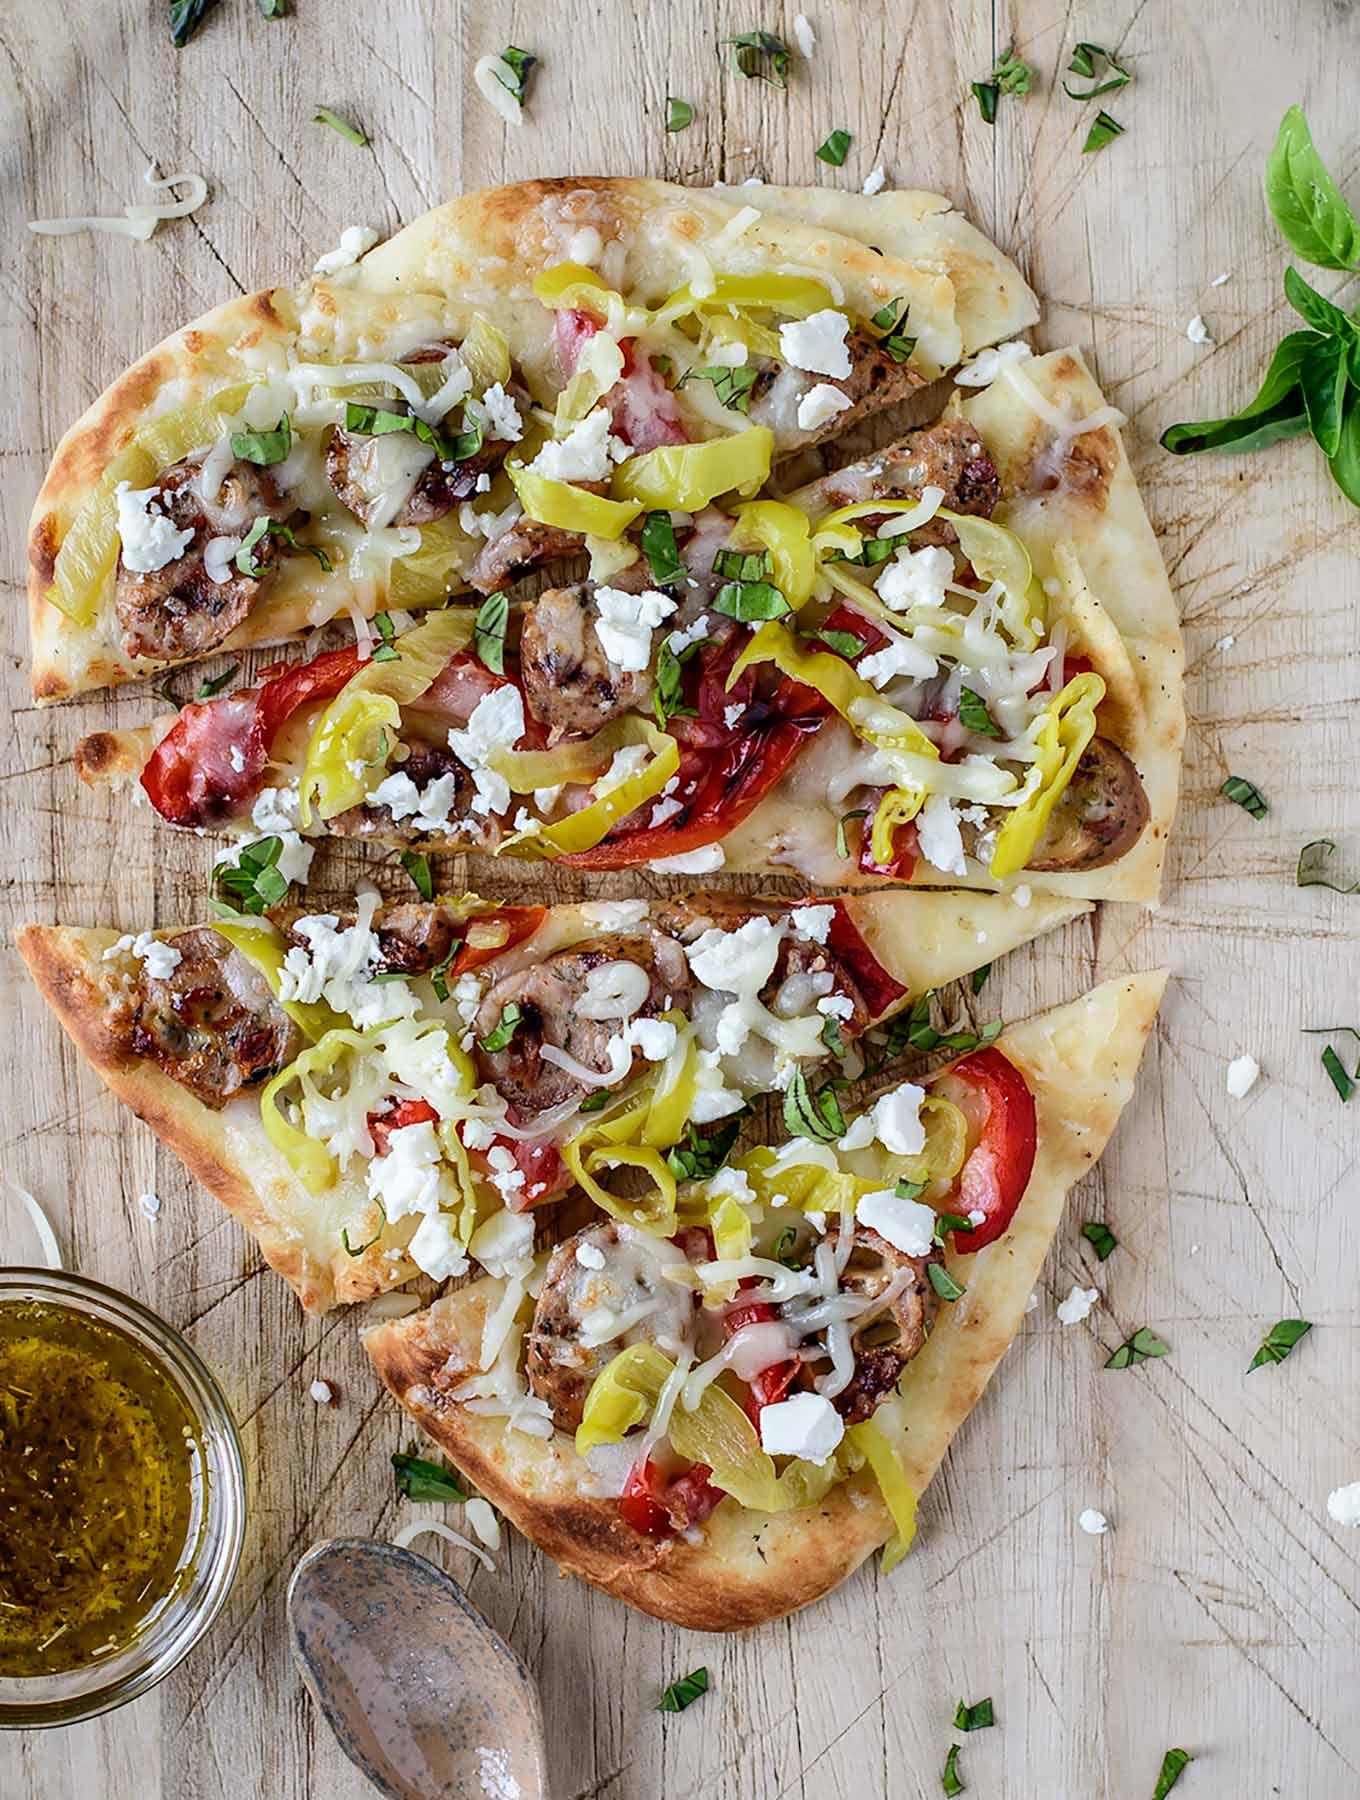 Mediterranean Flatbread Pizza - Mediterranean diet recipes